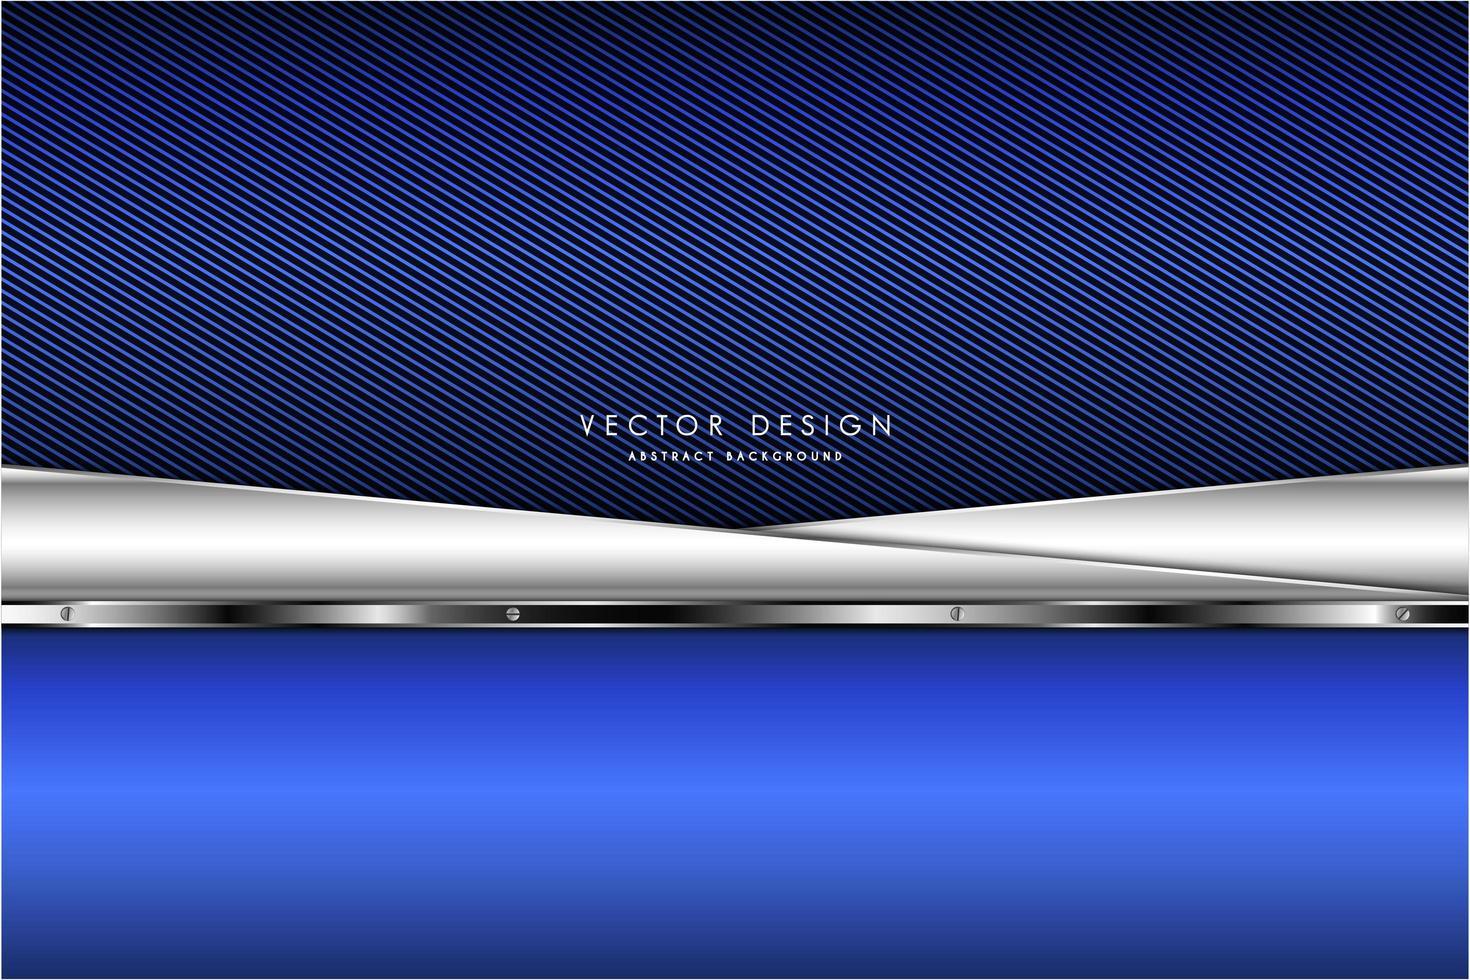 metallic blauwe en zilveren hoekige platen over marineblauw gestreept patroon vector